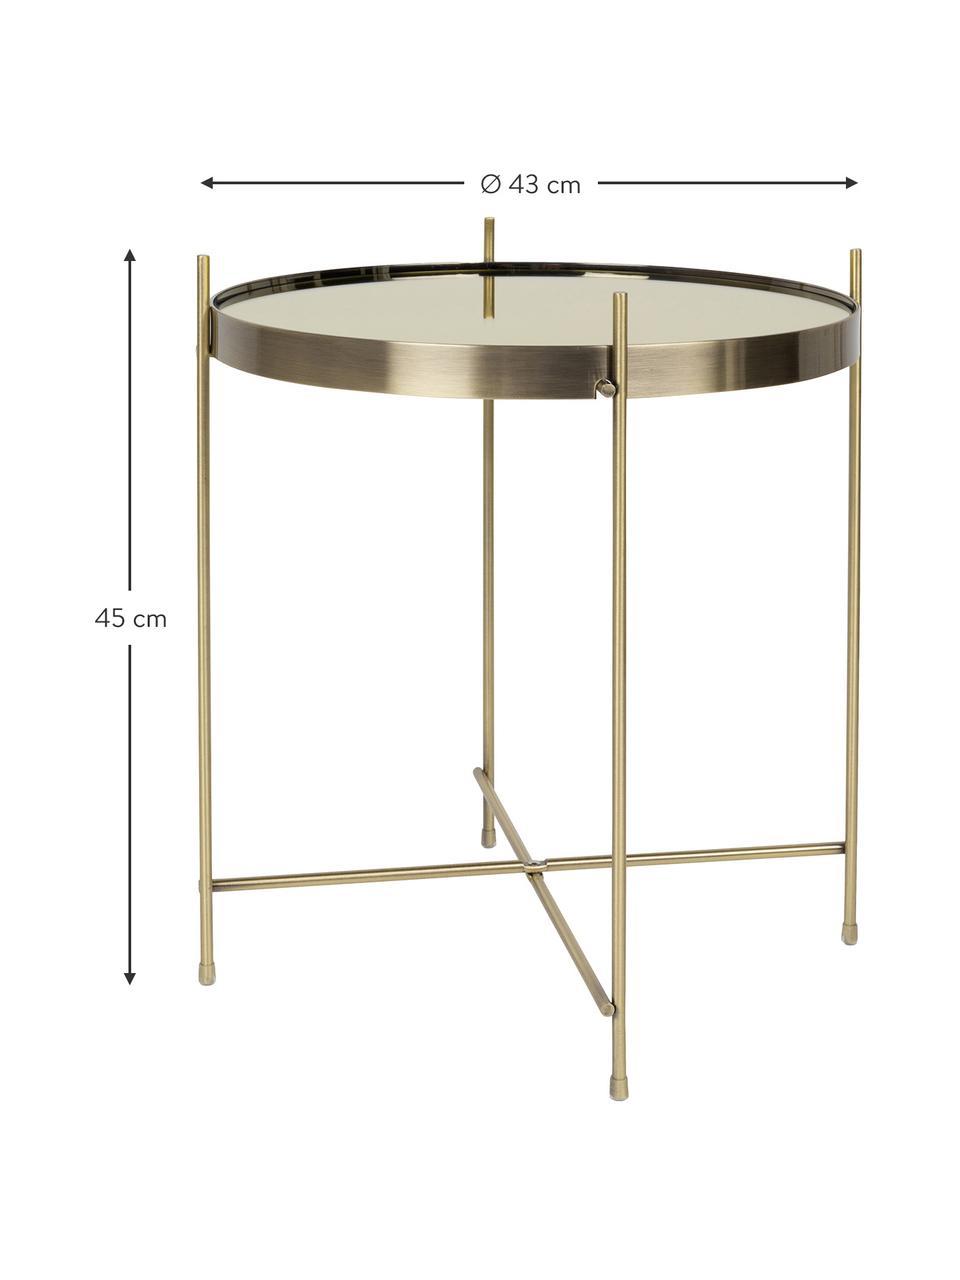 Tavolino-vassoio con piano in vetro Cupid, Struttura: metallo verniciato a polv, Piano d'appoggio: lastra di vetro verniciat, Dorato, Ø 43 x Alt. 45 cm